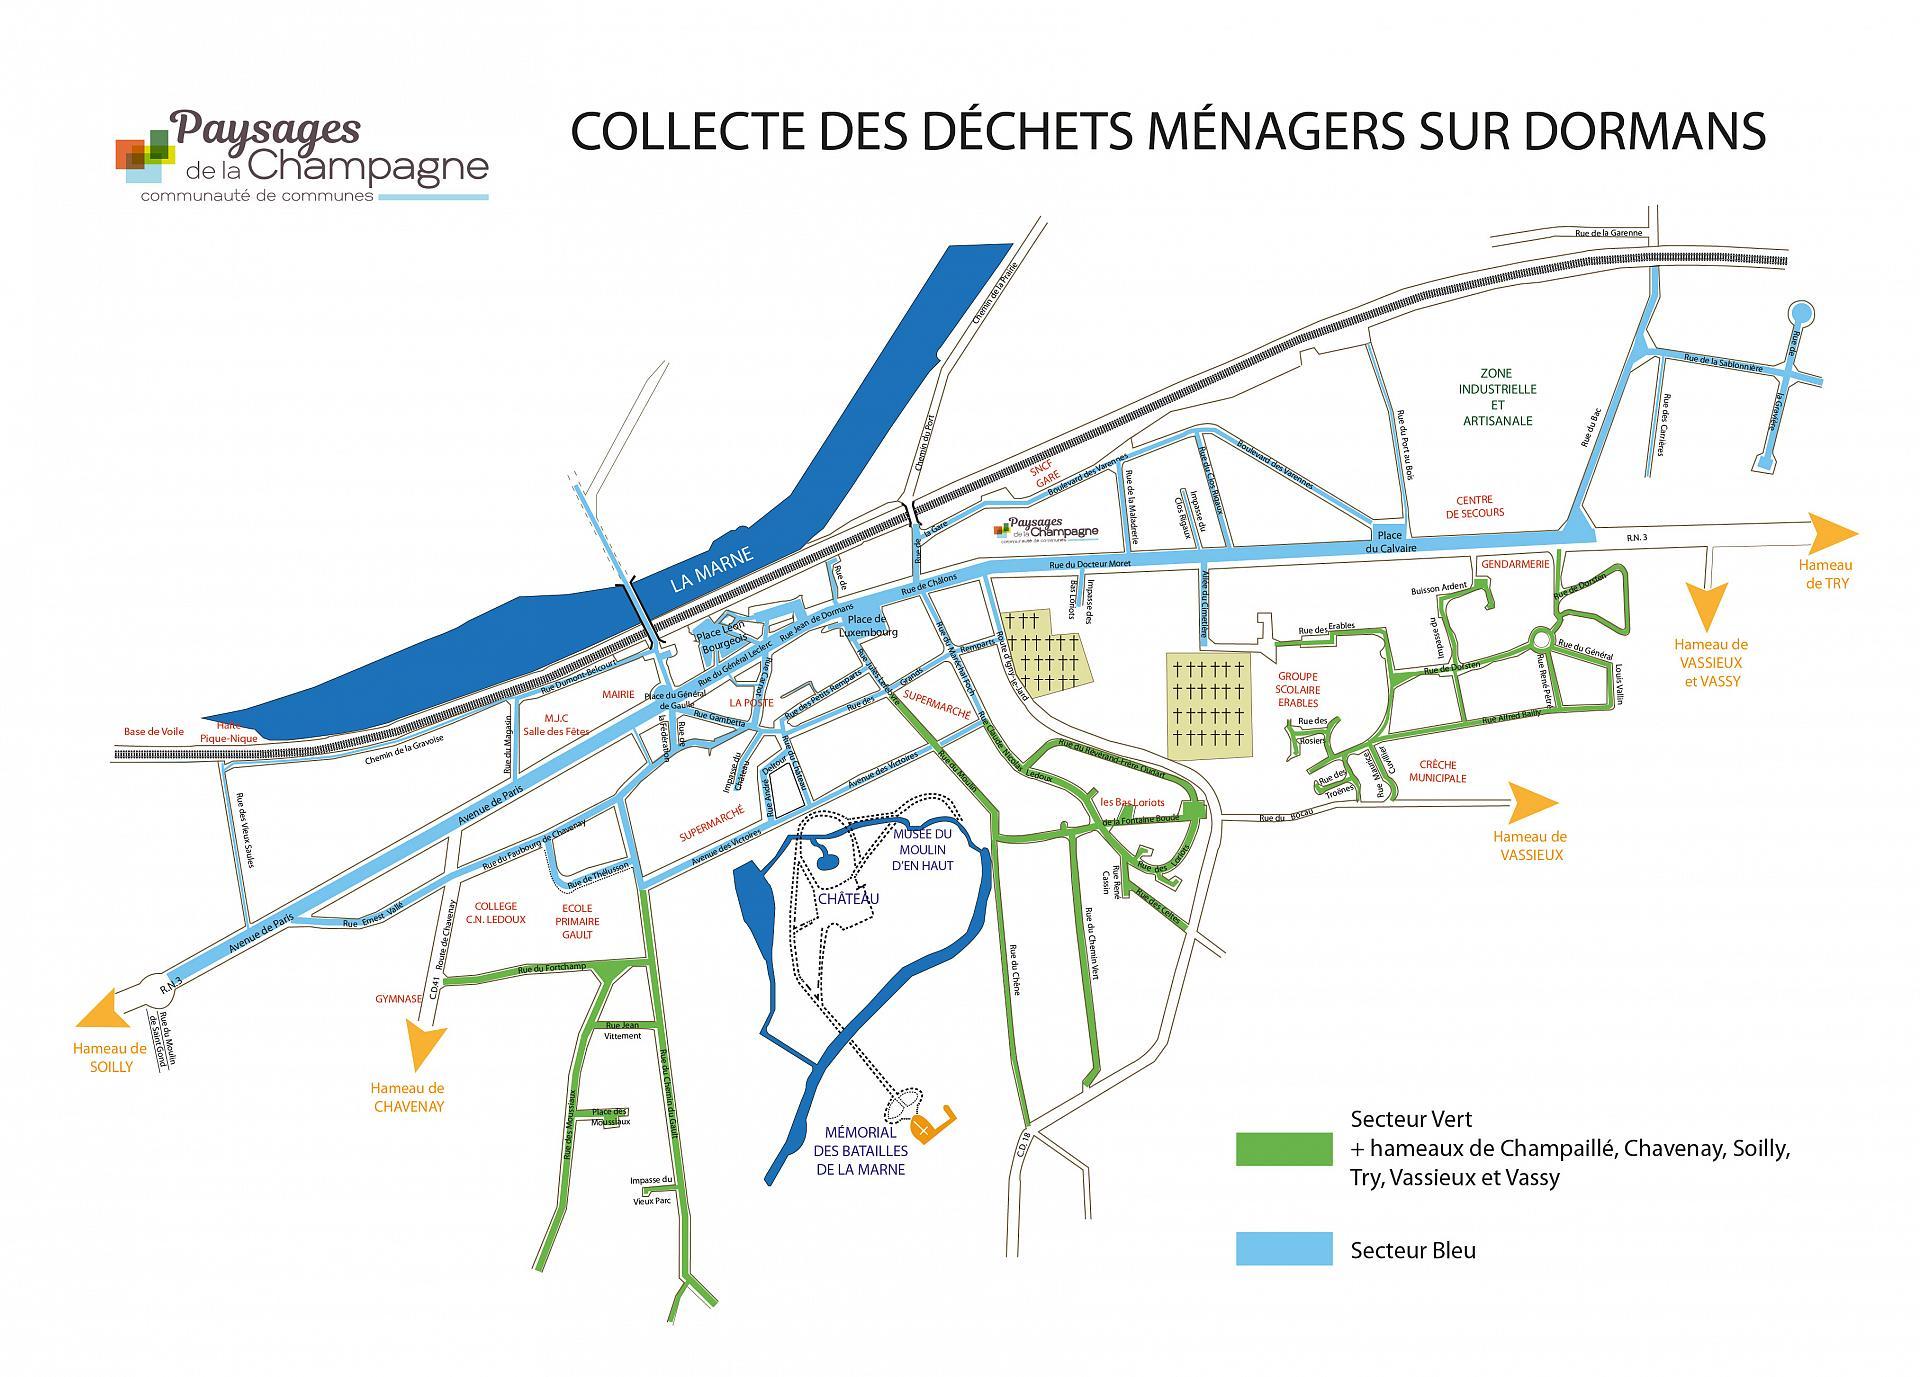 Plan des secteurs pour le ramassage des déchets à Dormans